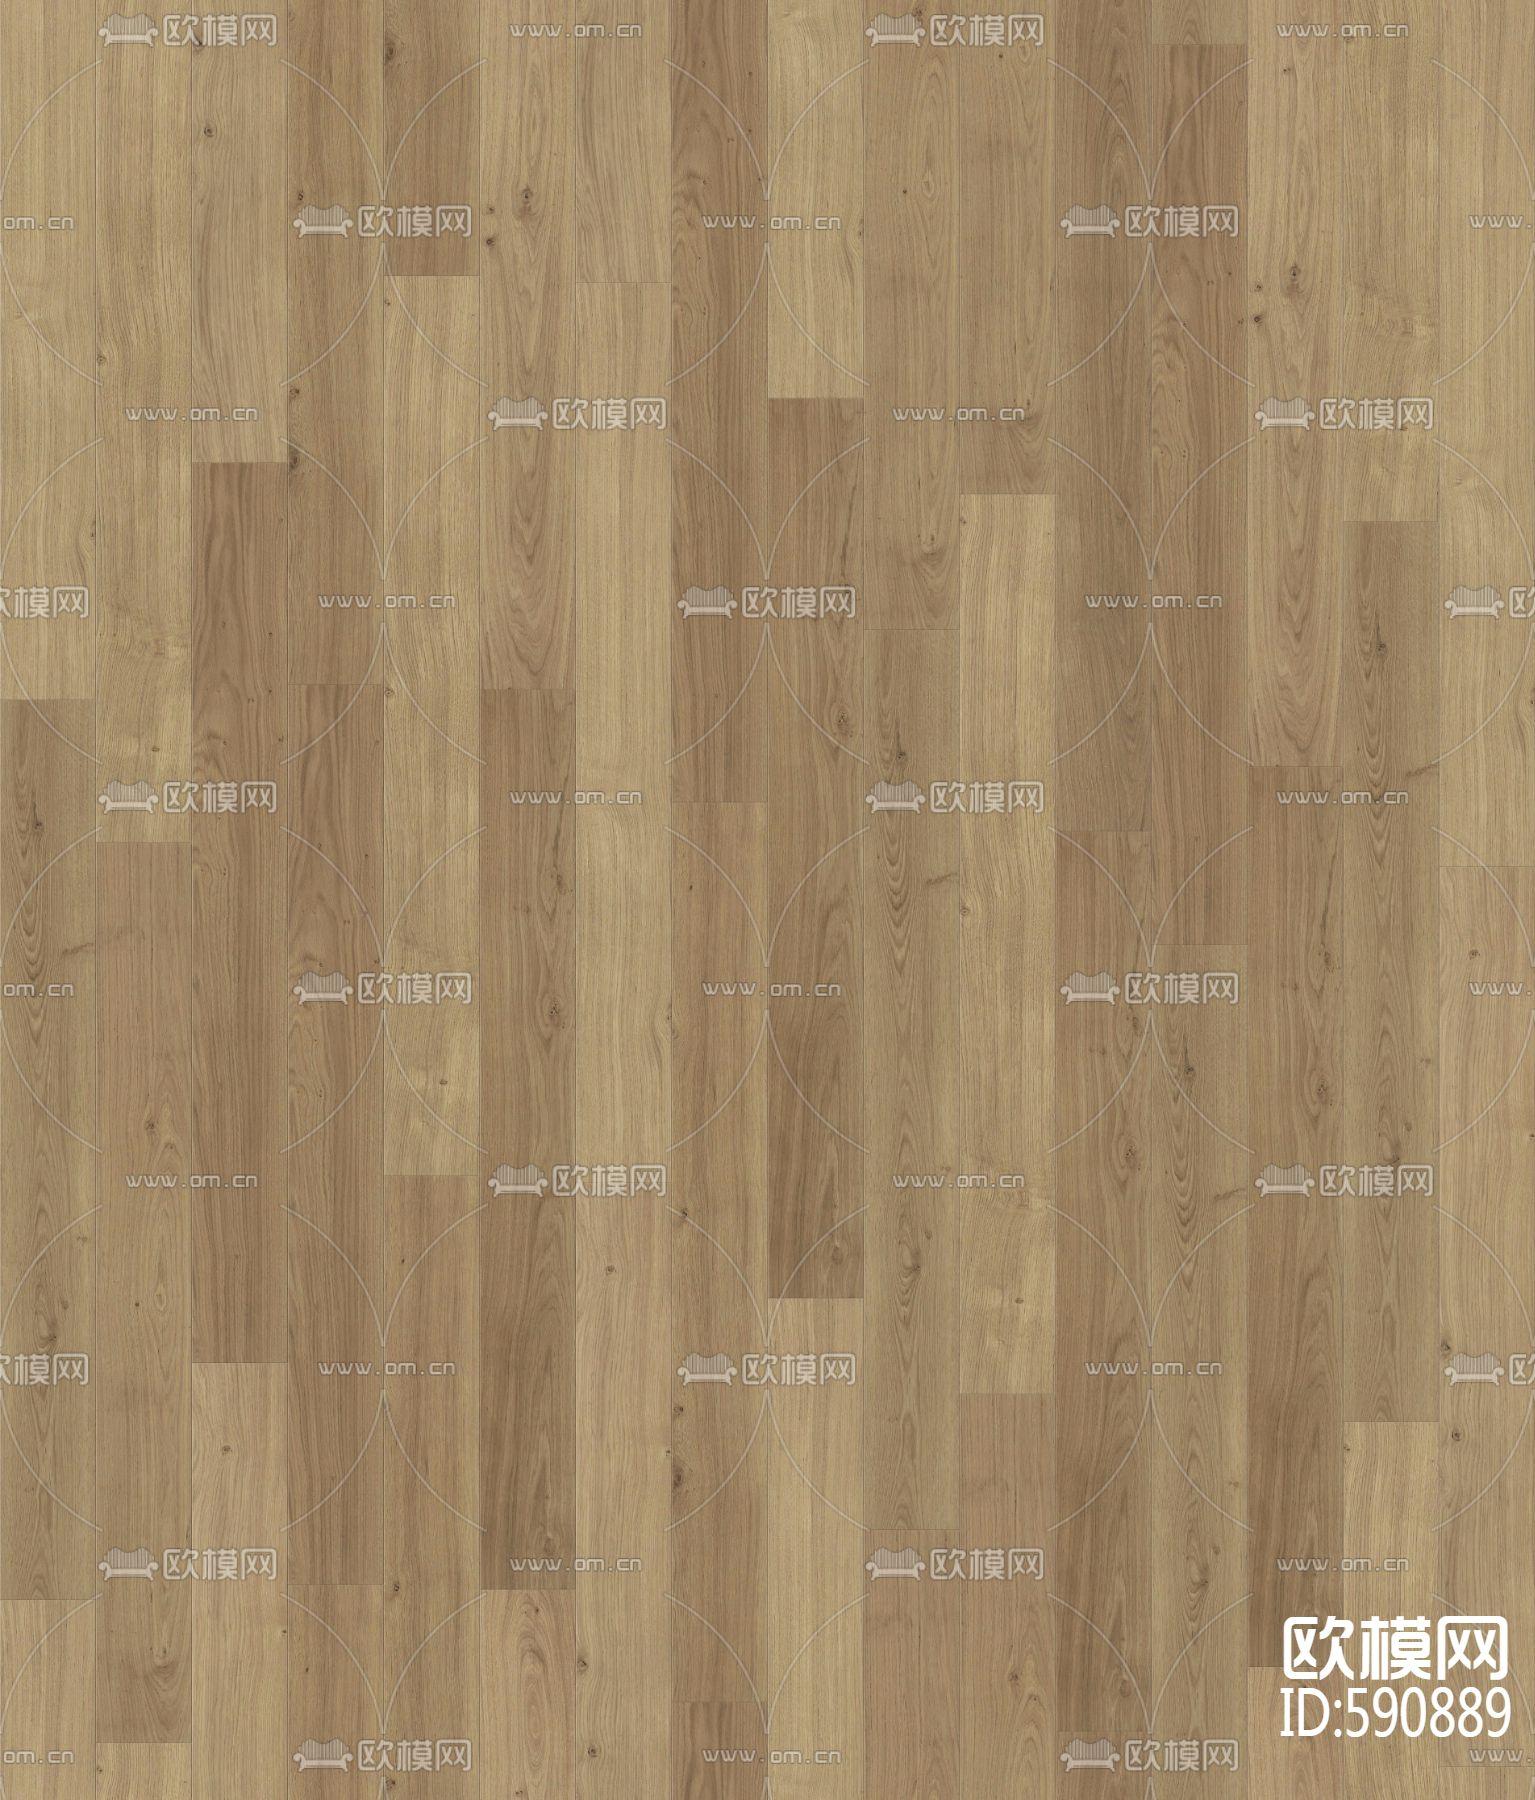 木地板高清貼圖【ID:636730864】